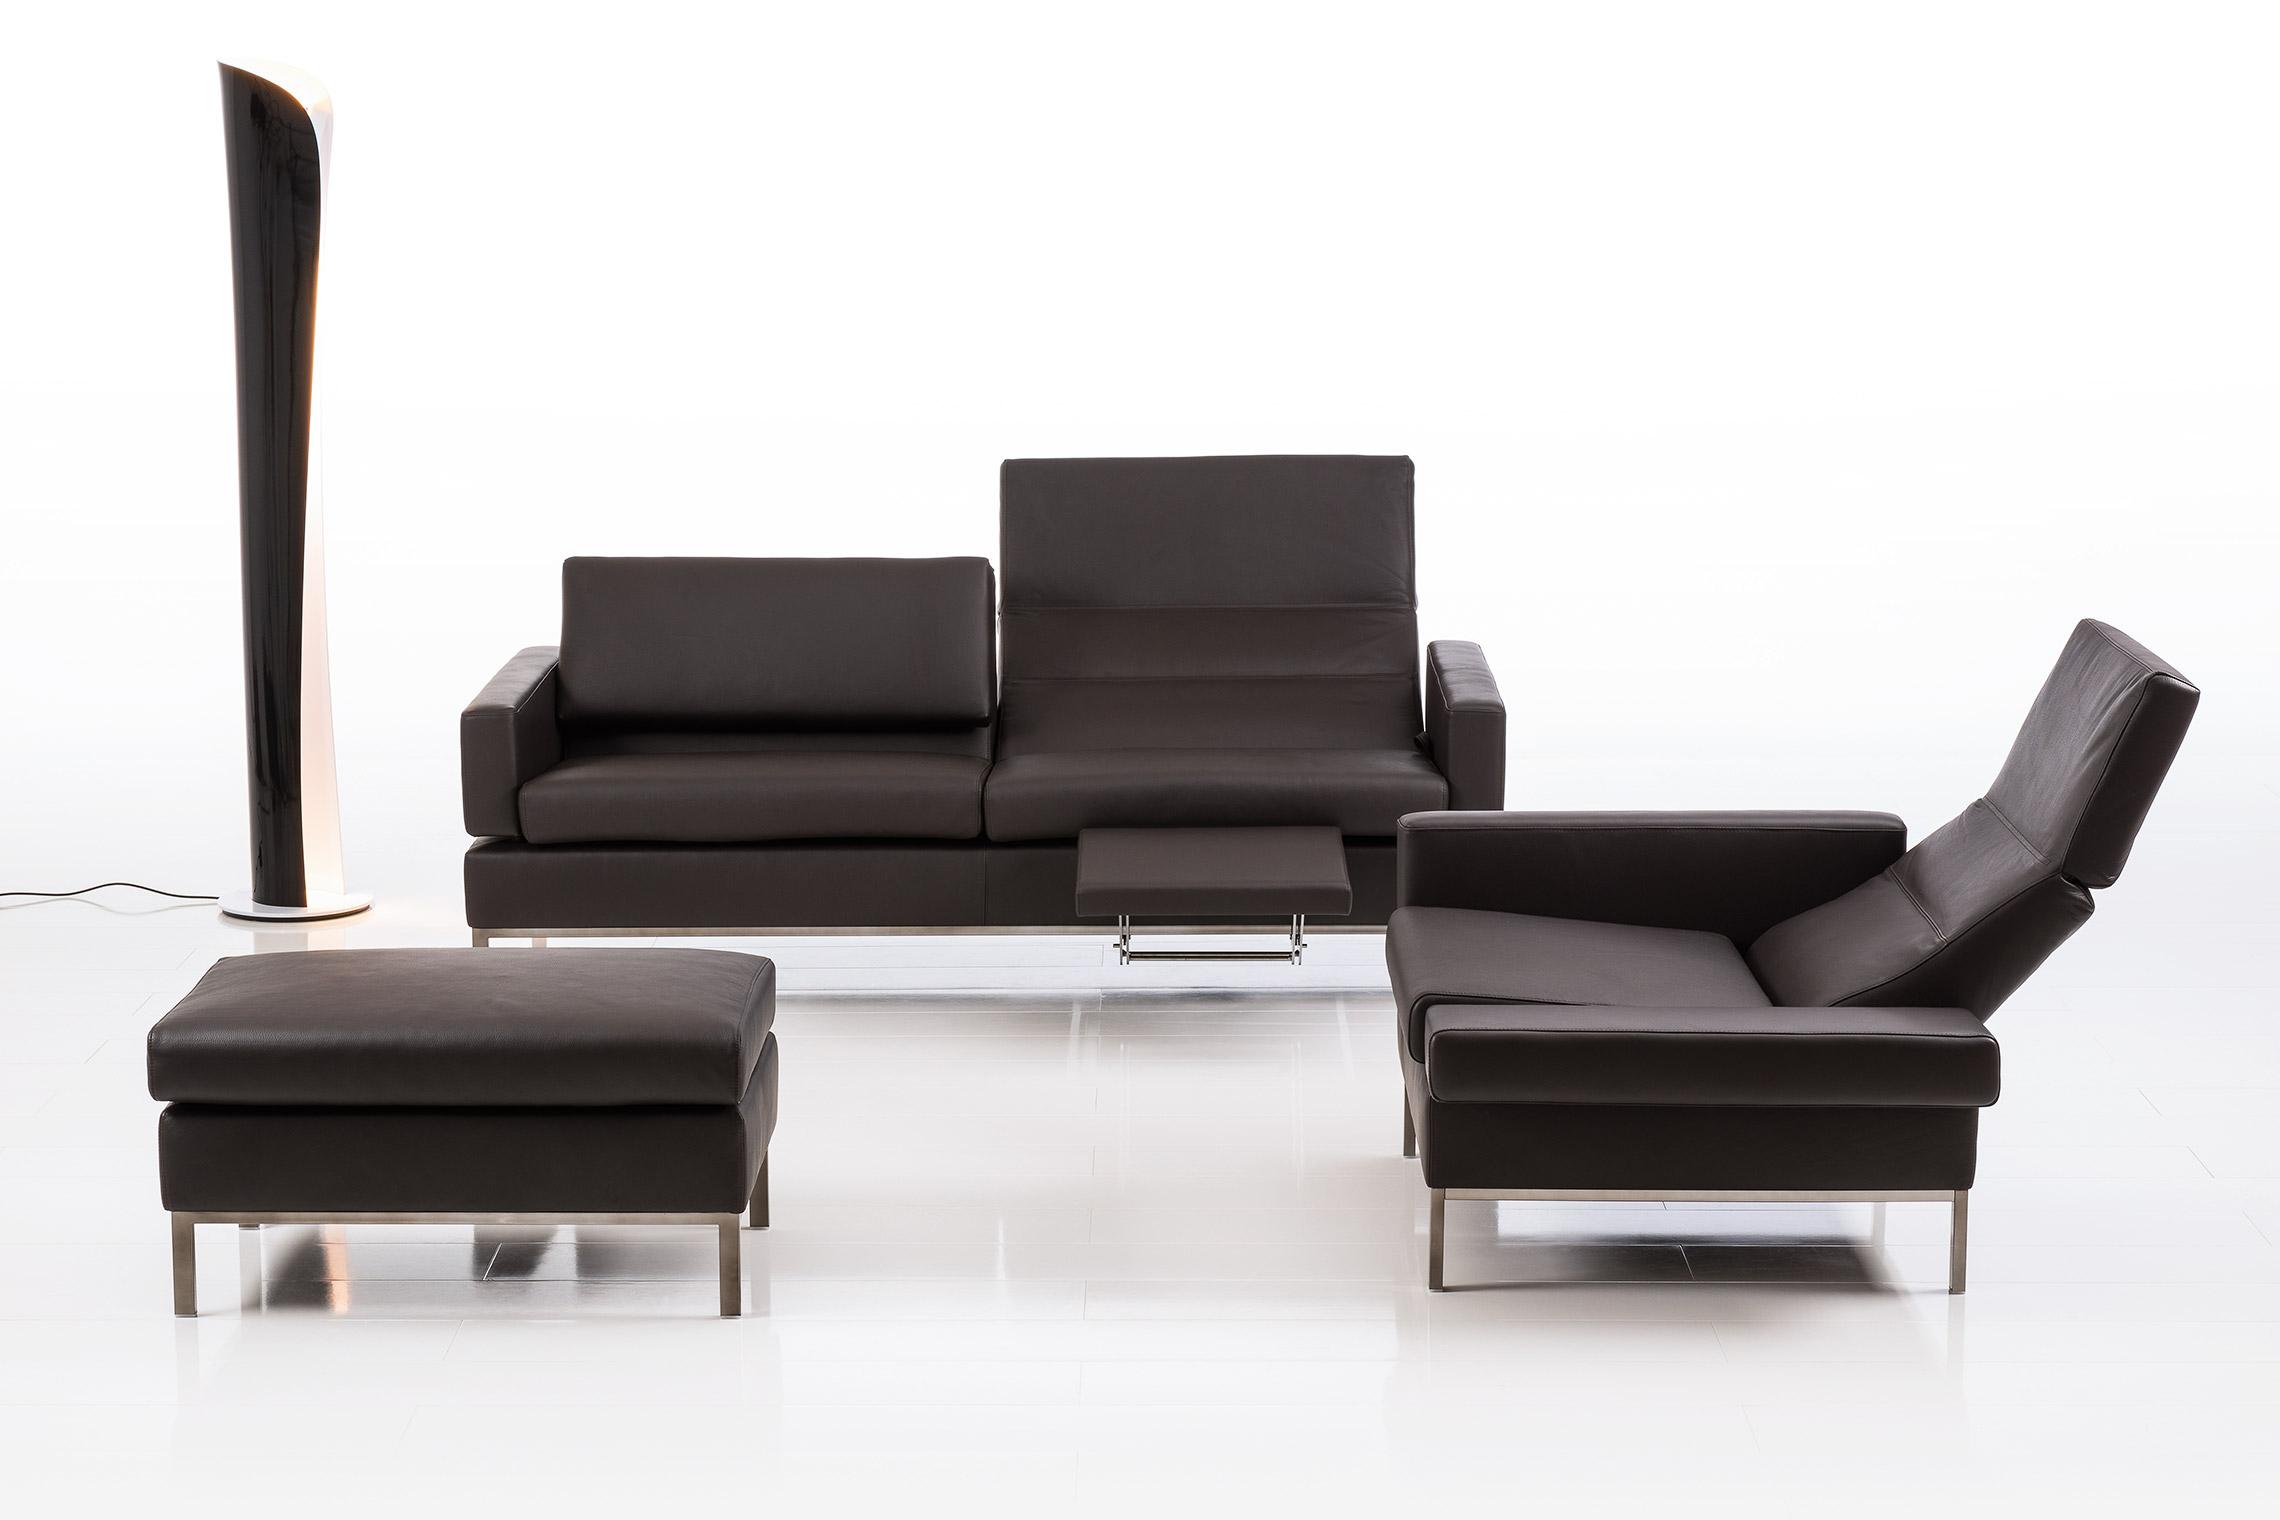 sofa tomo wohnwiese jette schlund ellingen team 7. Black Bedroom Furniture Sets. Home Design Ideas